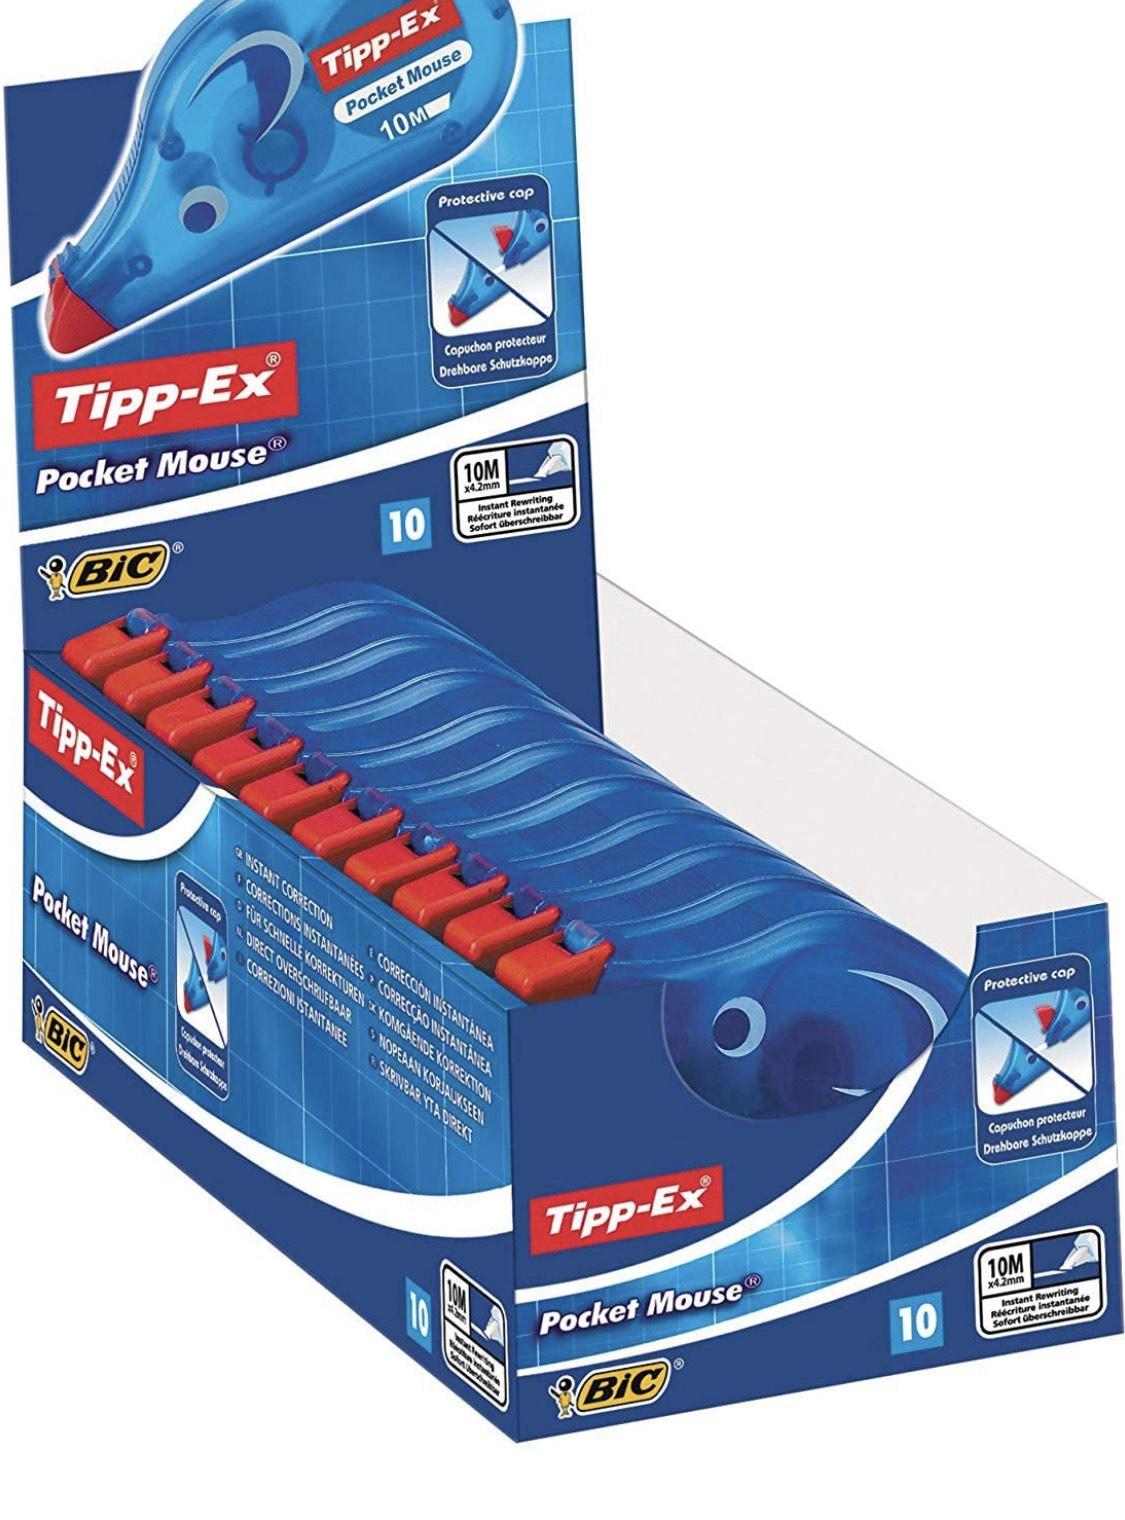 10x Tipp-Ex Pocket Mouse Correctieroller met Beschermkap